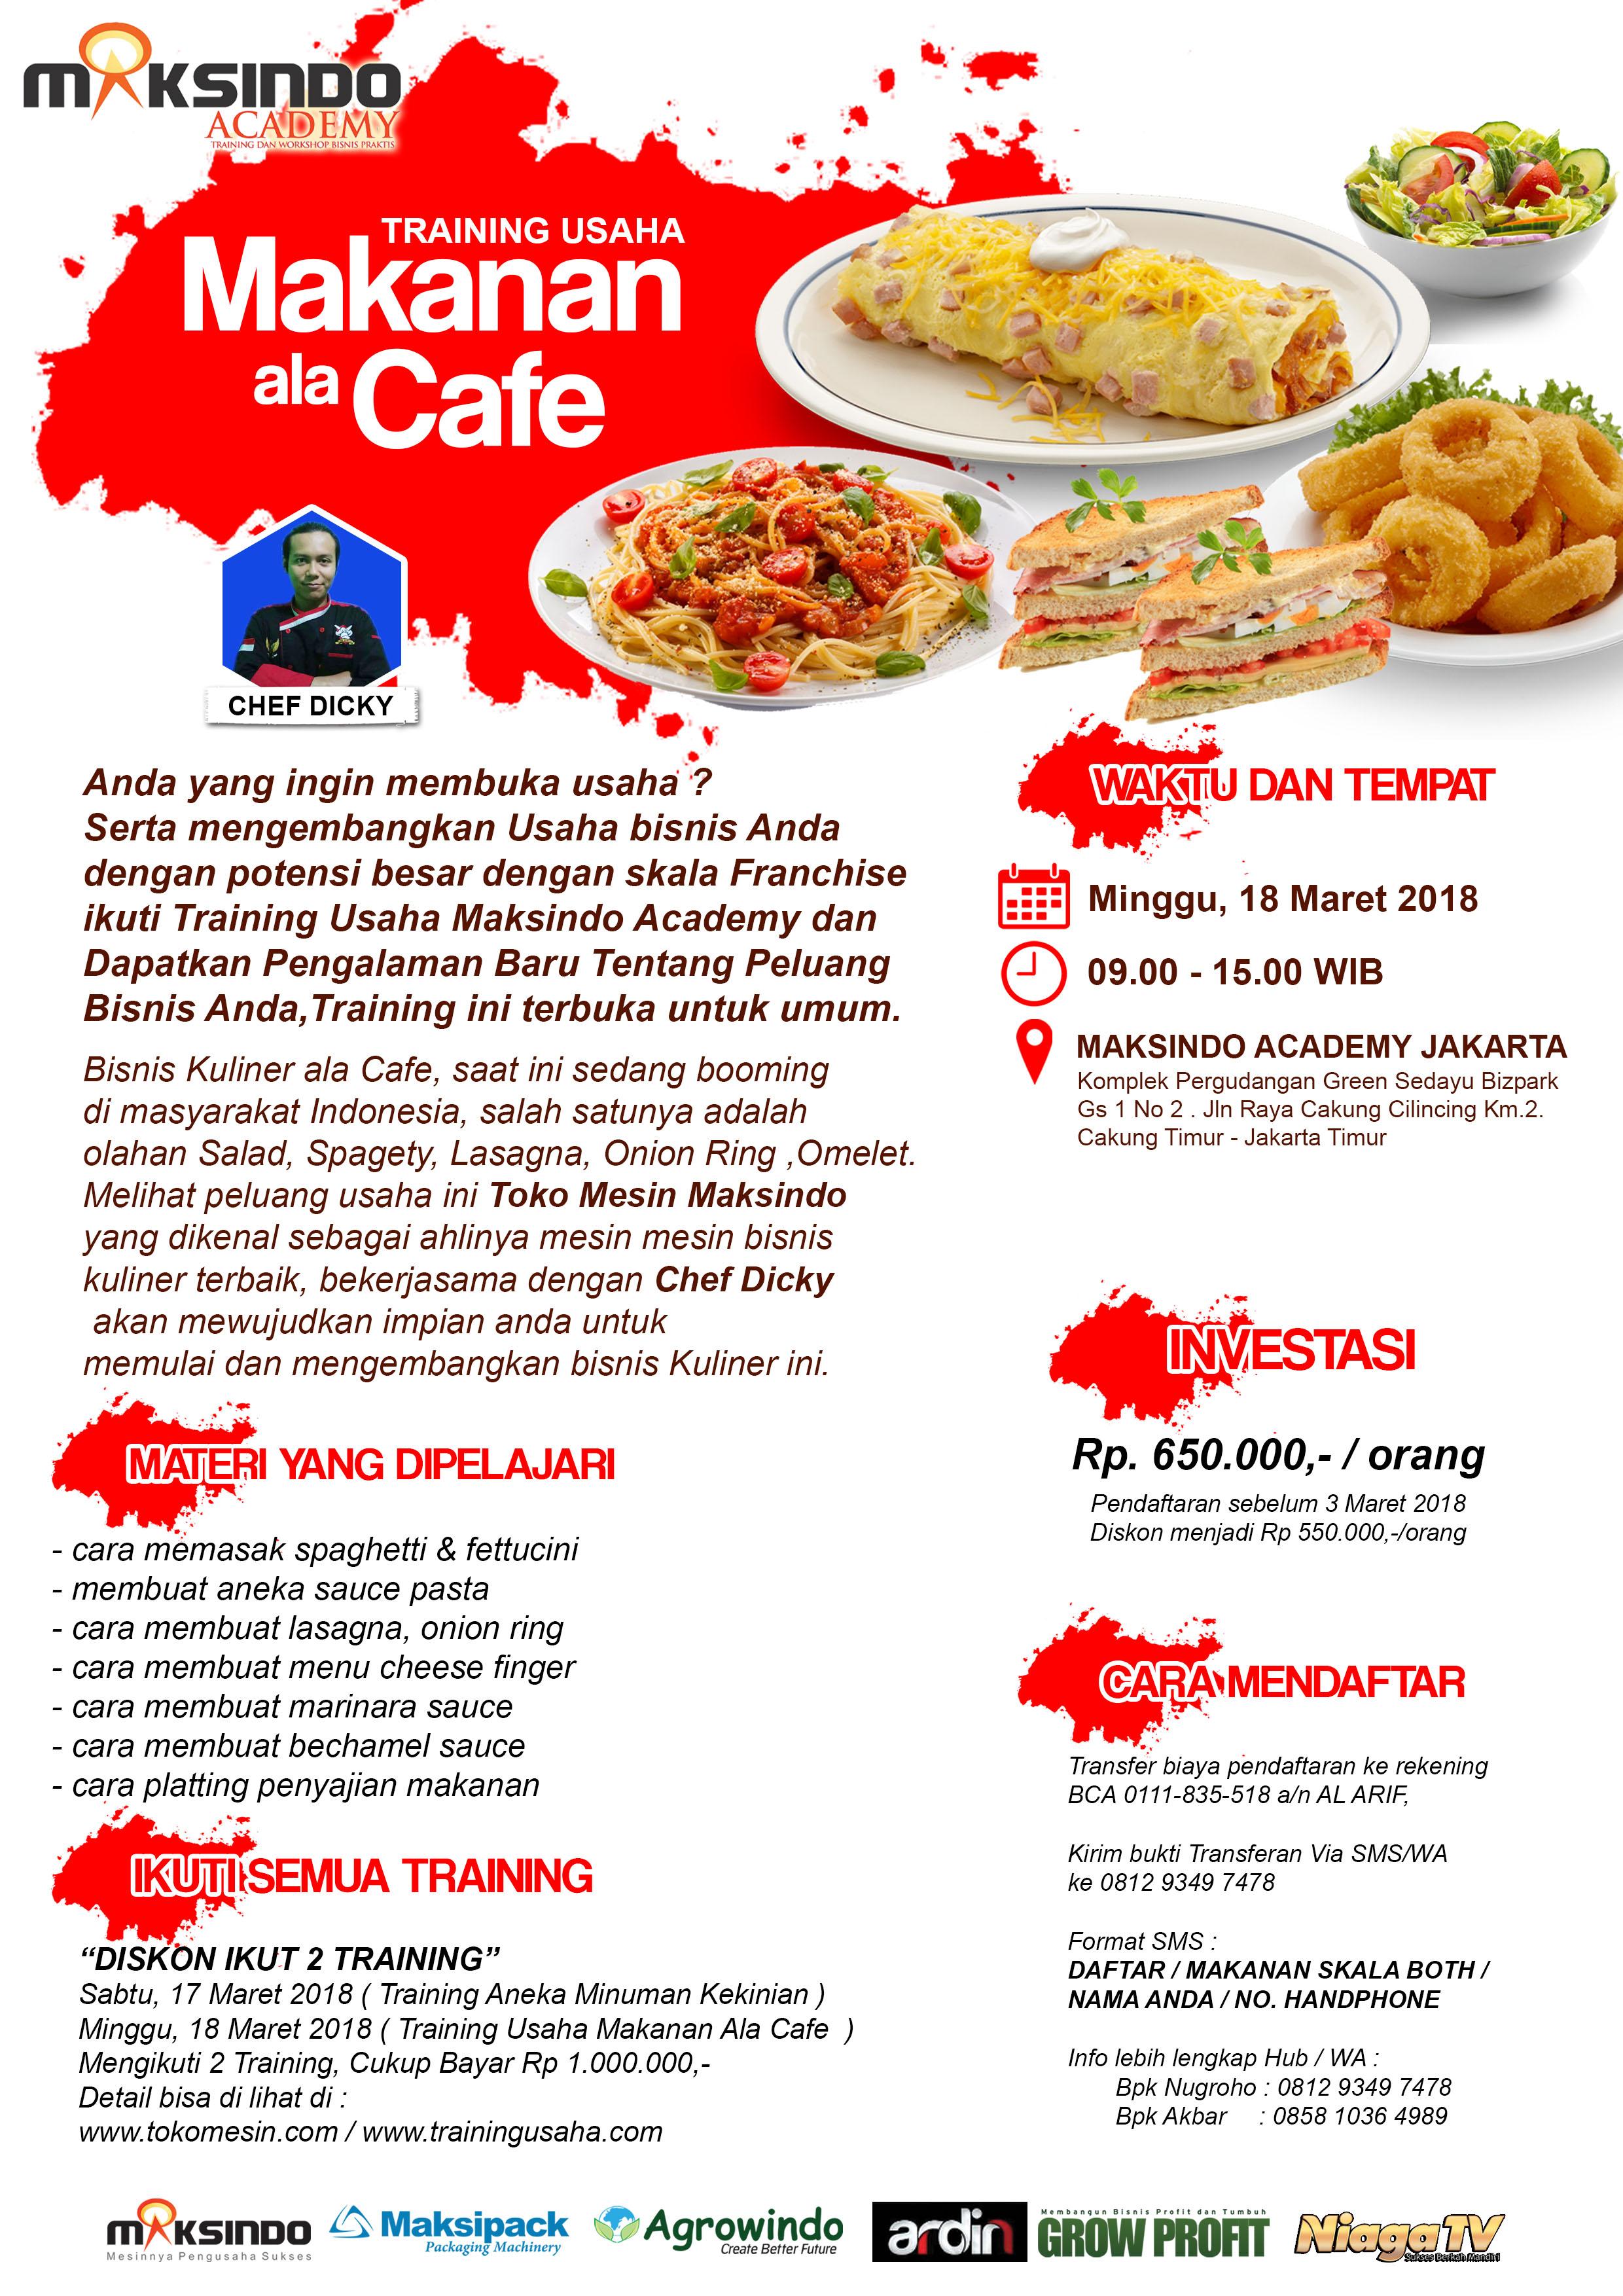 Training Usaha Makanan Ala Cafe 18 Maret 2018 Toko Mesin Maksindo